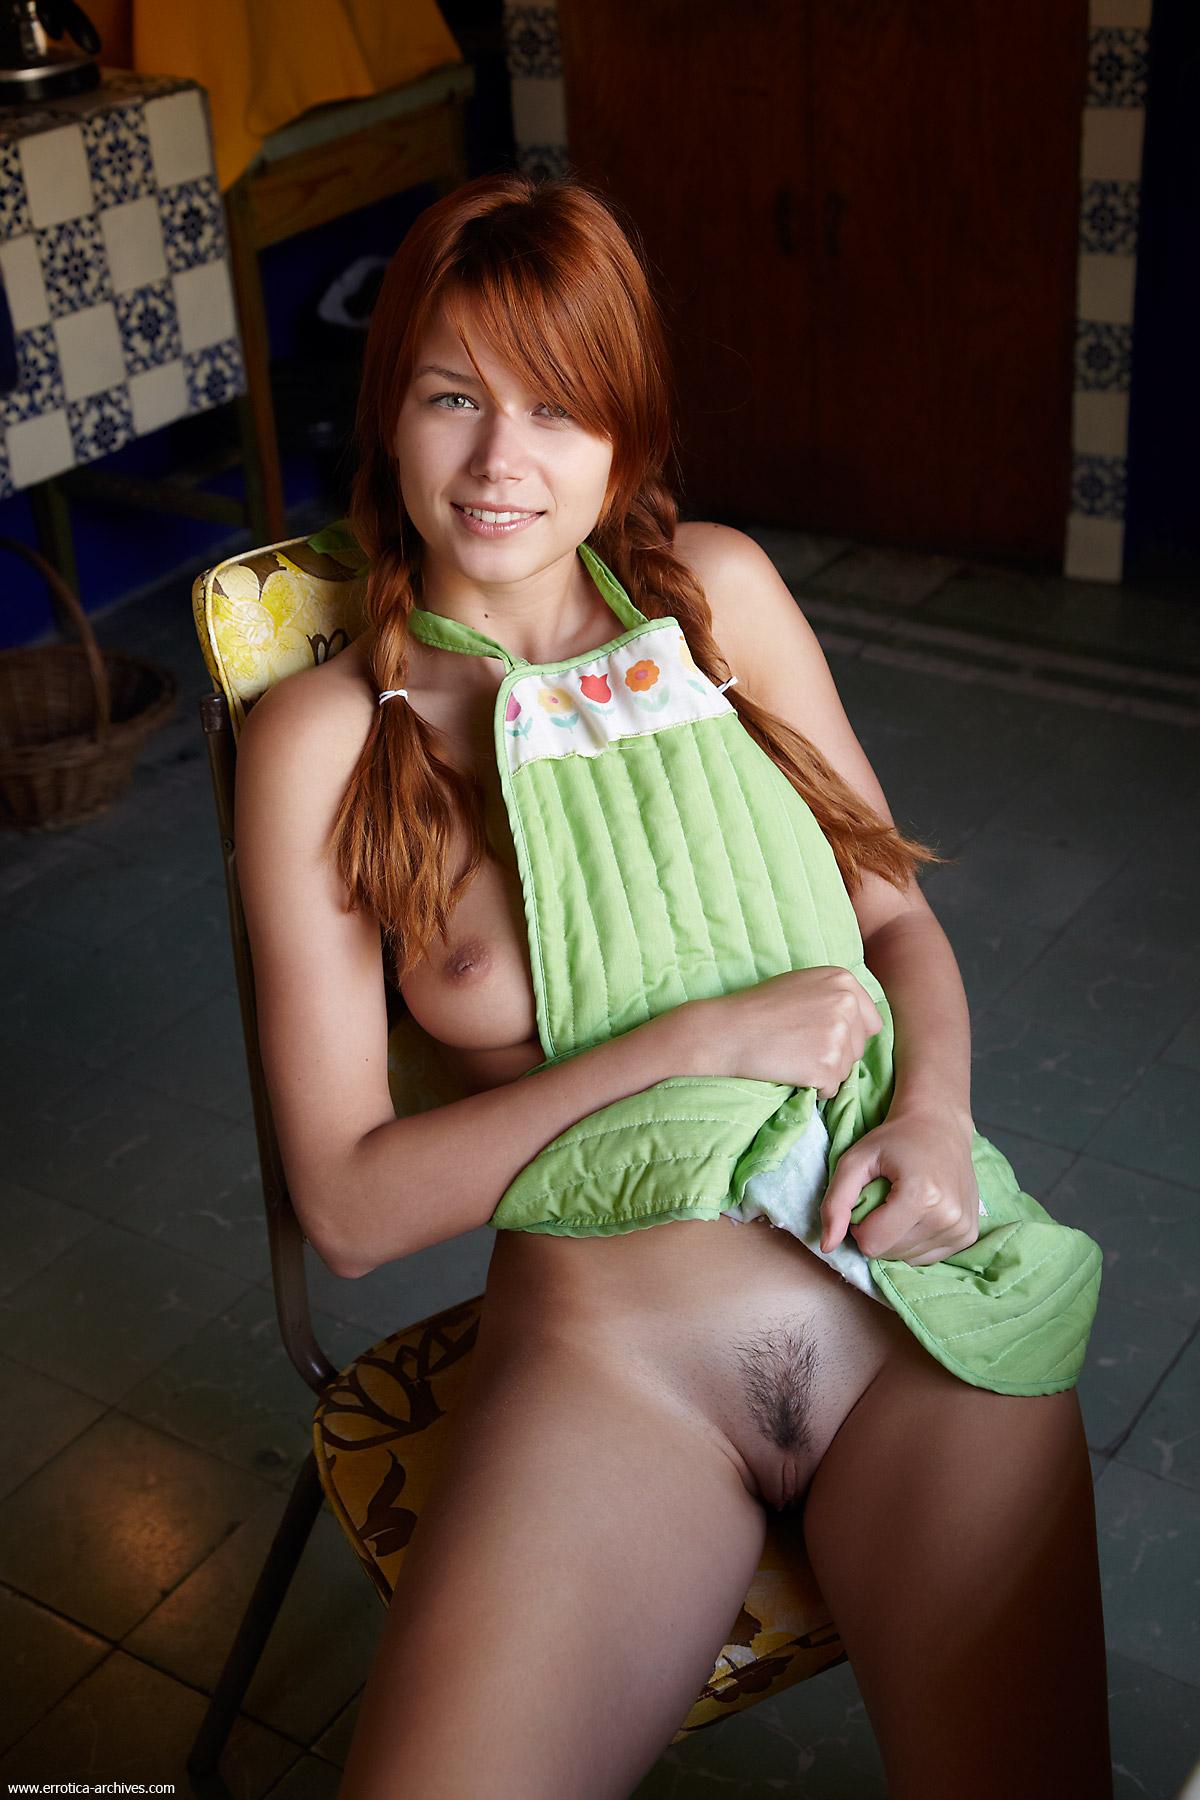 Gostosa brasileira de bikini na praia 2 - 1 part 2